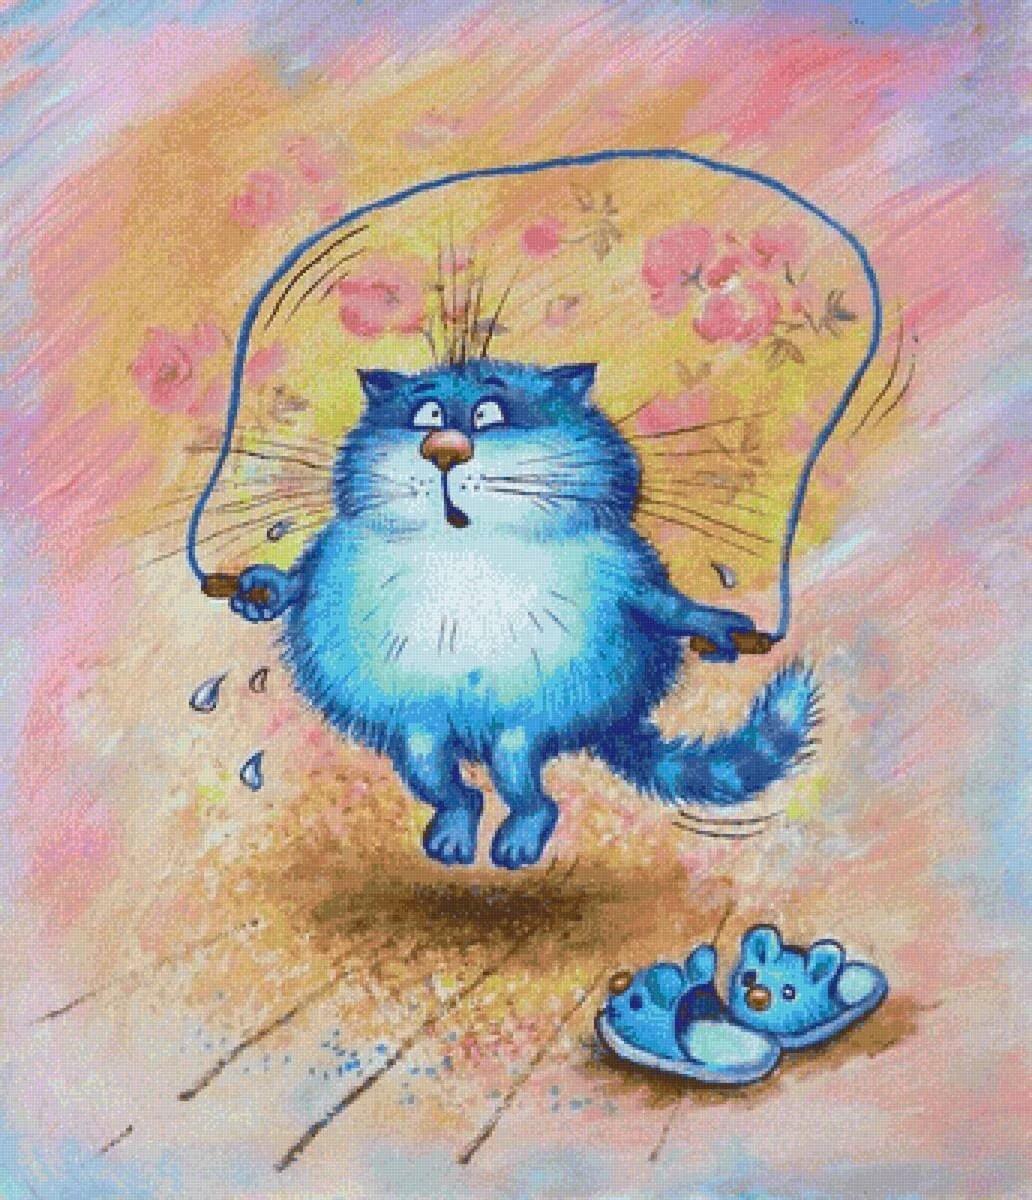 Коты ирины зенюк картинки любовь, февраля изонить